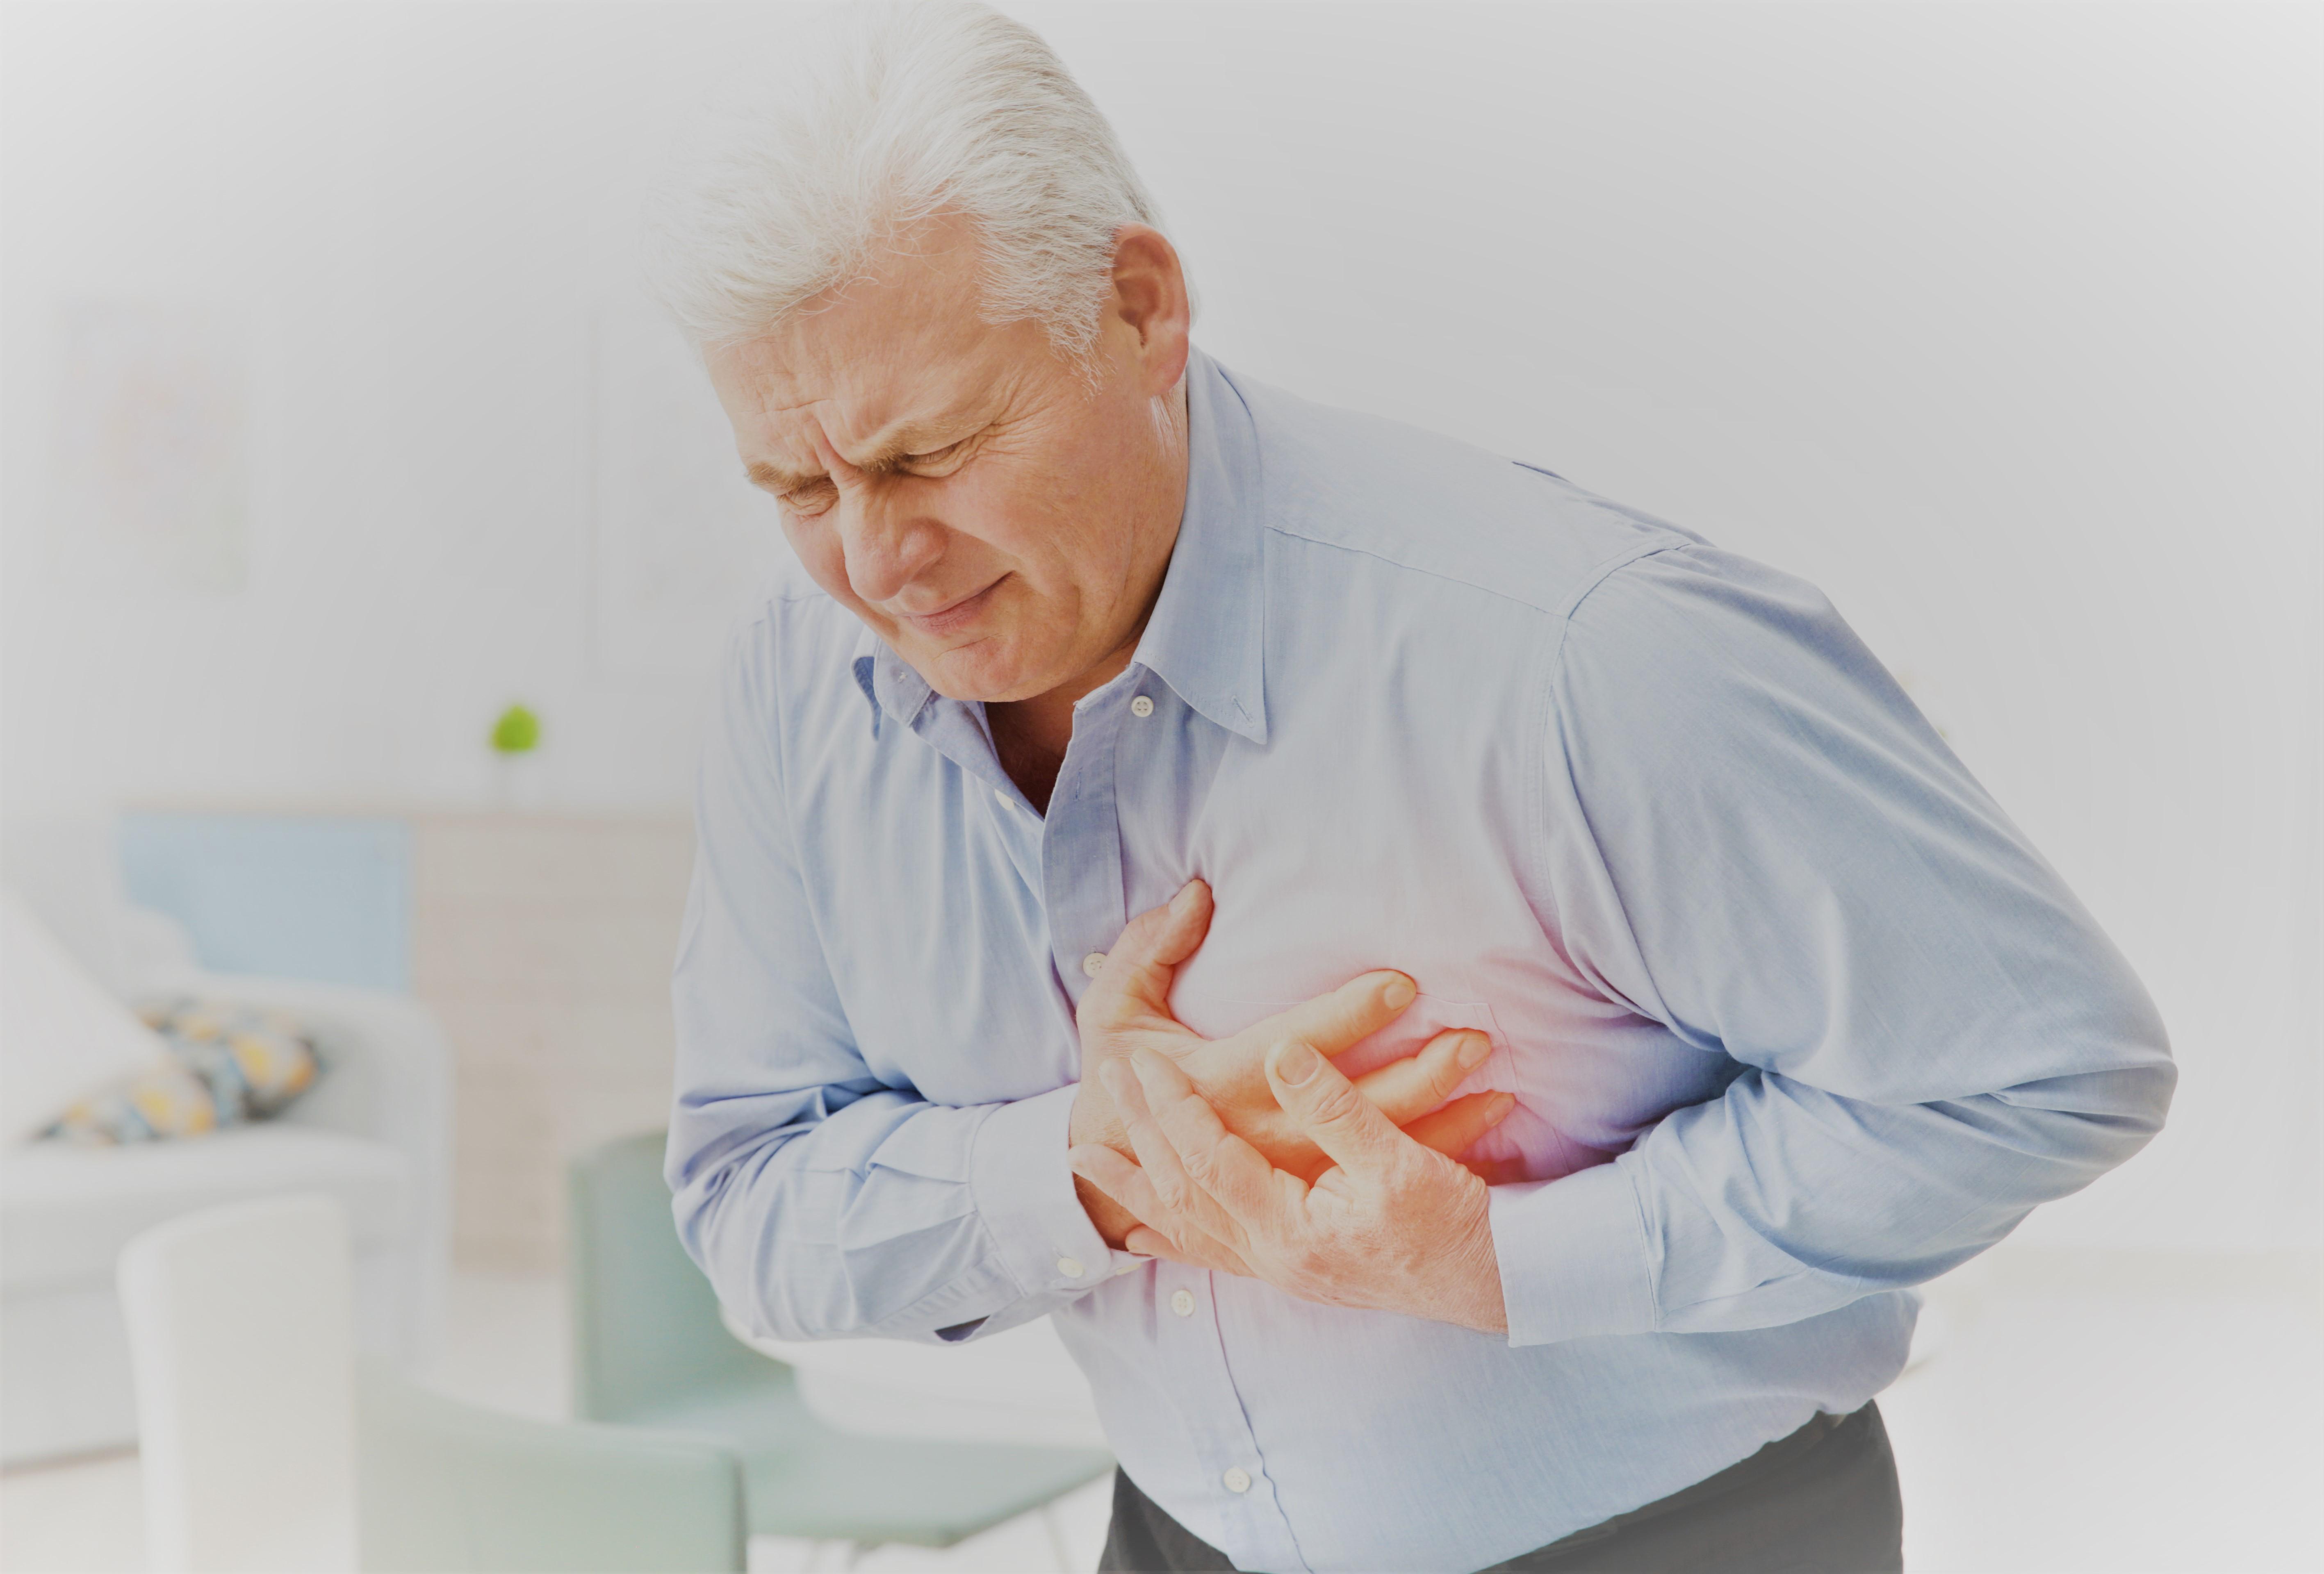 ízületi fájdalom a betegségben, mit kell tenni